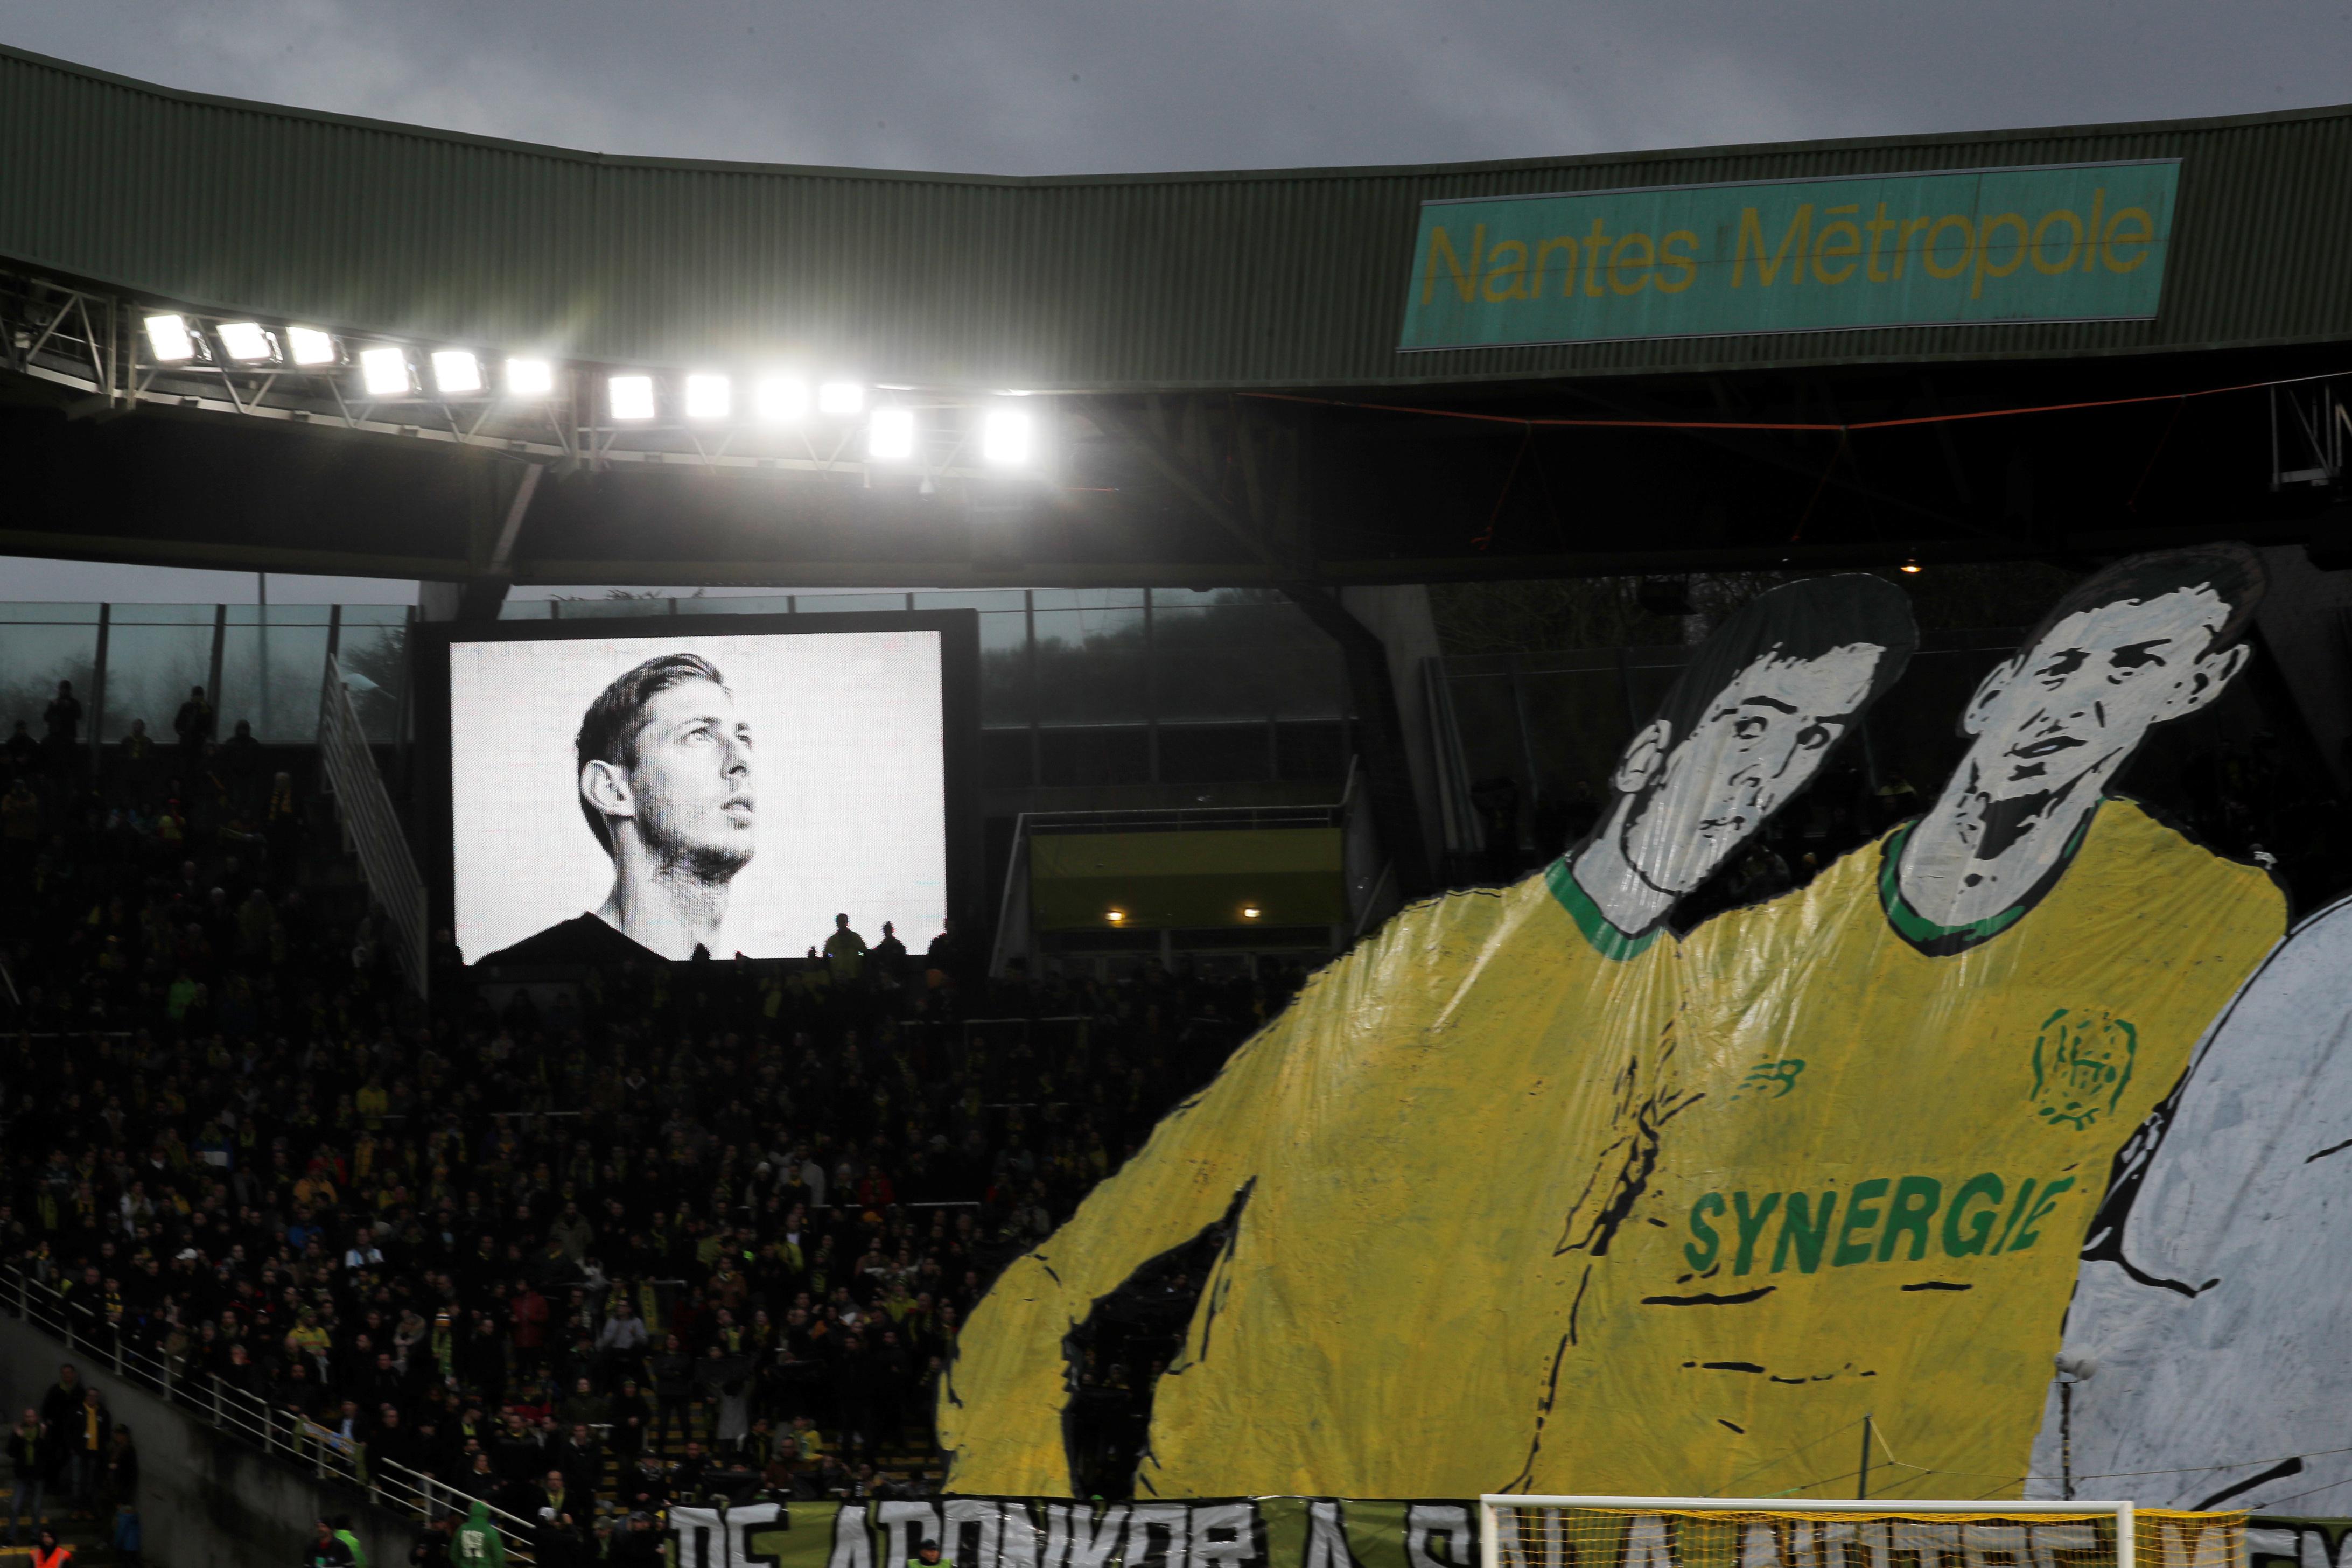 En la noche del 21 de enero de 2019, Emiliano Sala falleció a los 28 años cuando viajaba en una avioneta hacia Cardiff, después de fichar por el club de la Premier League de esa ciudad galesa